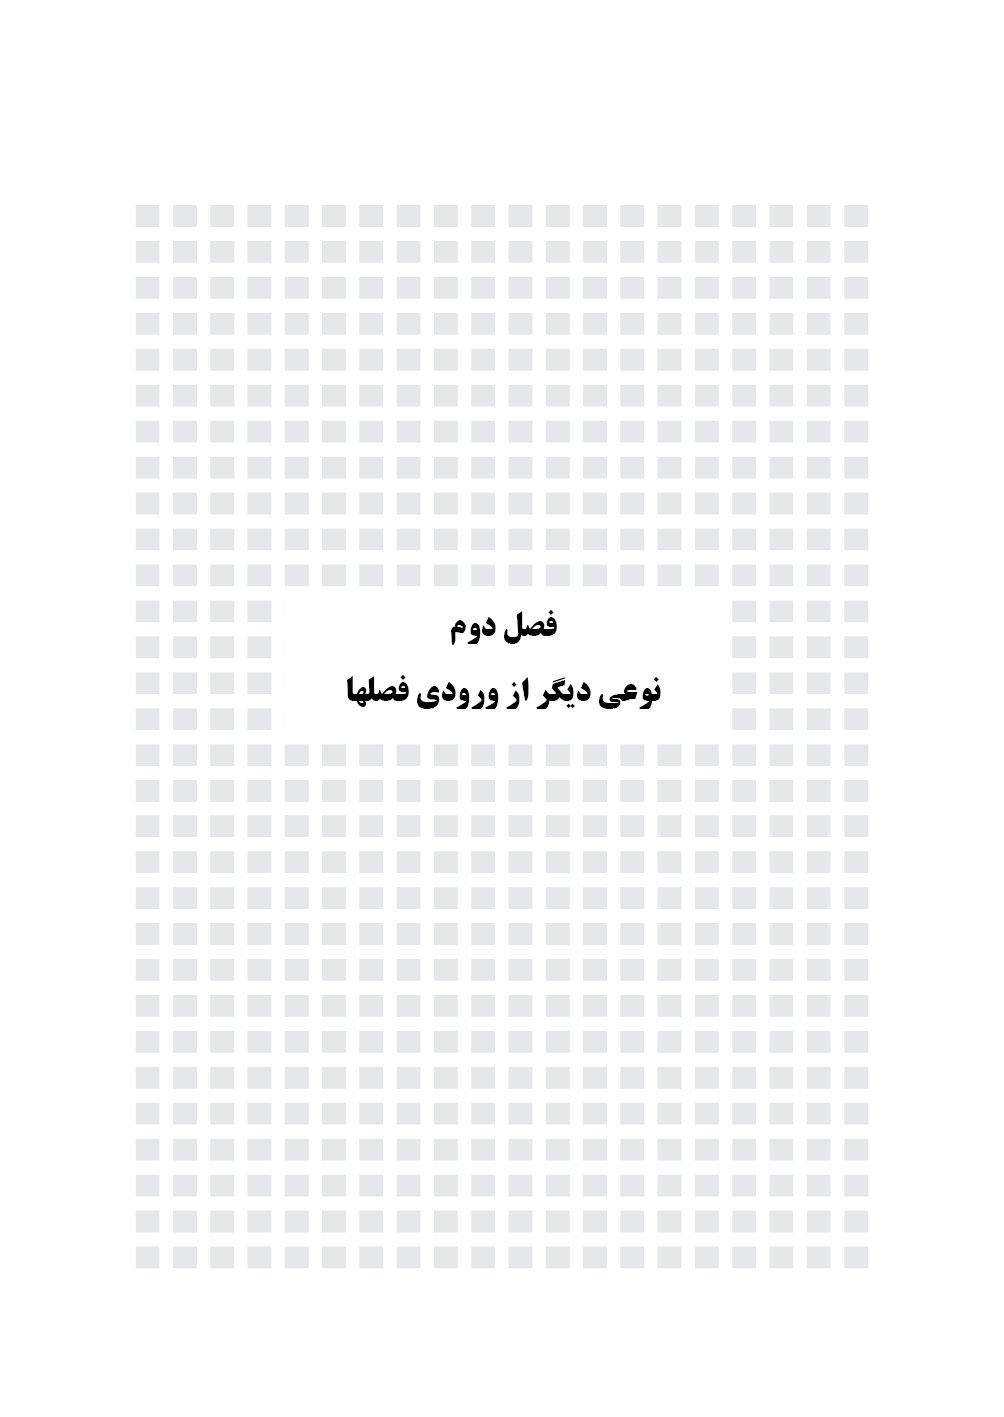 ورودی فصلهای در فرمت آماده صفحه آرایی کتاب در ایندیزاین